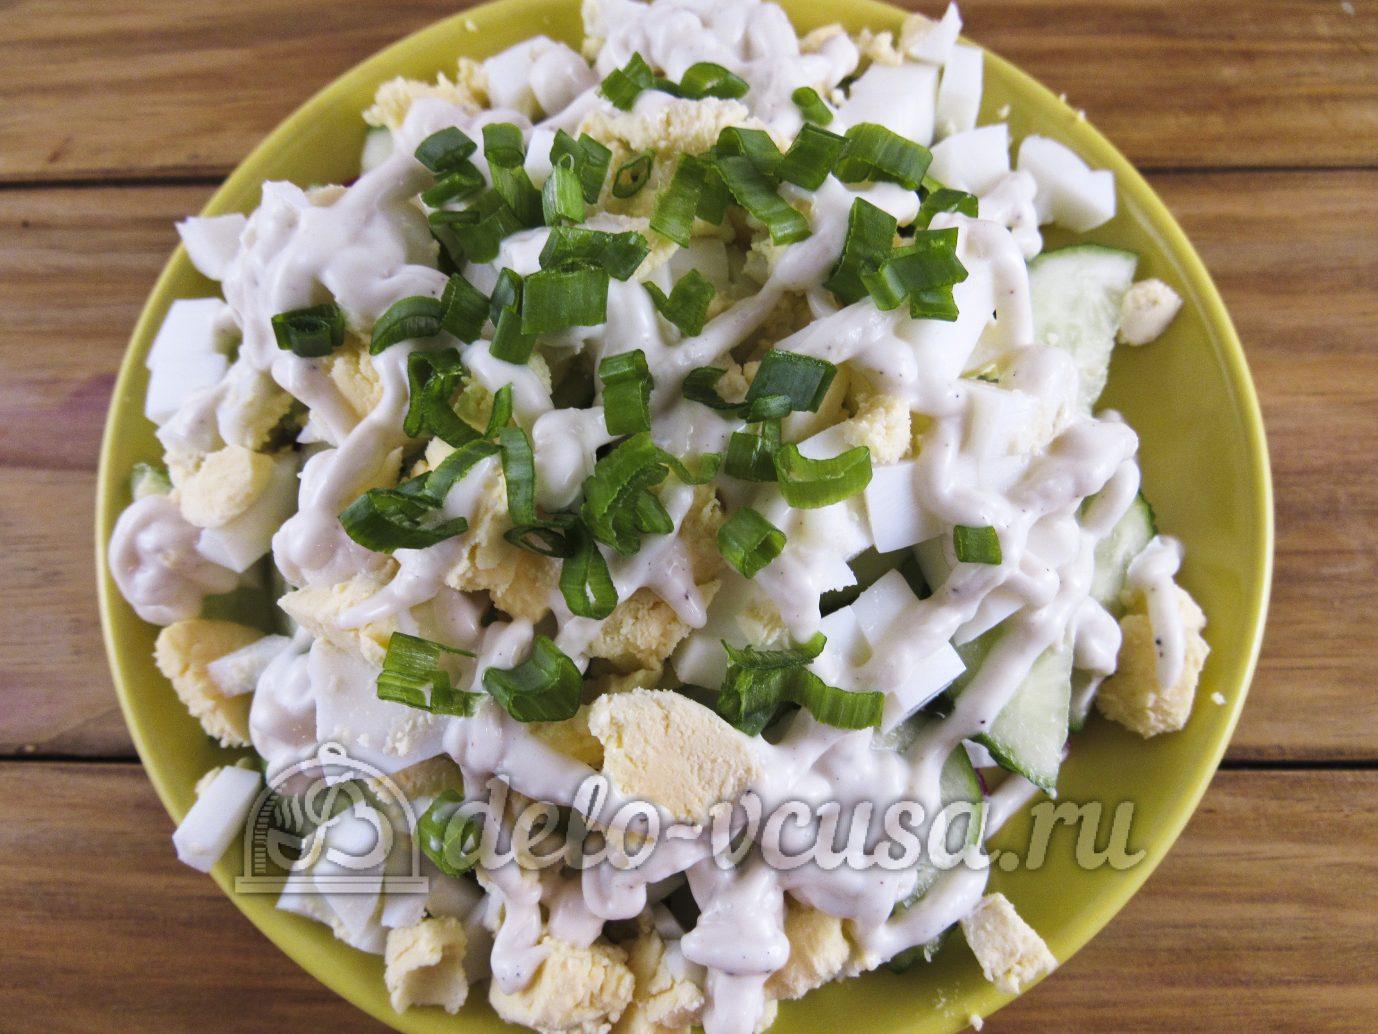 Салат из редиски с яйцом и огурцом: Посыпать зеленым луком